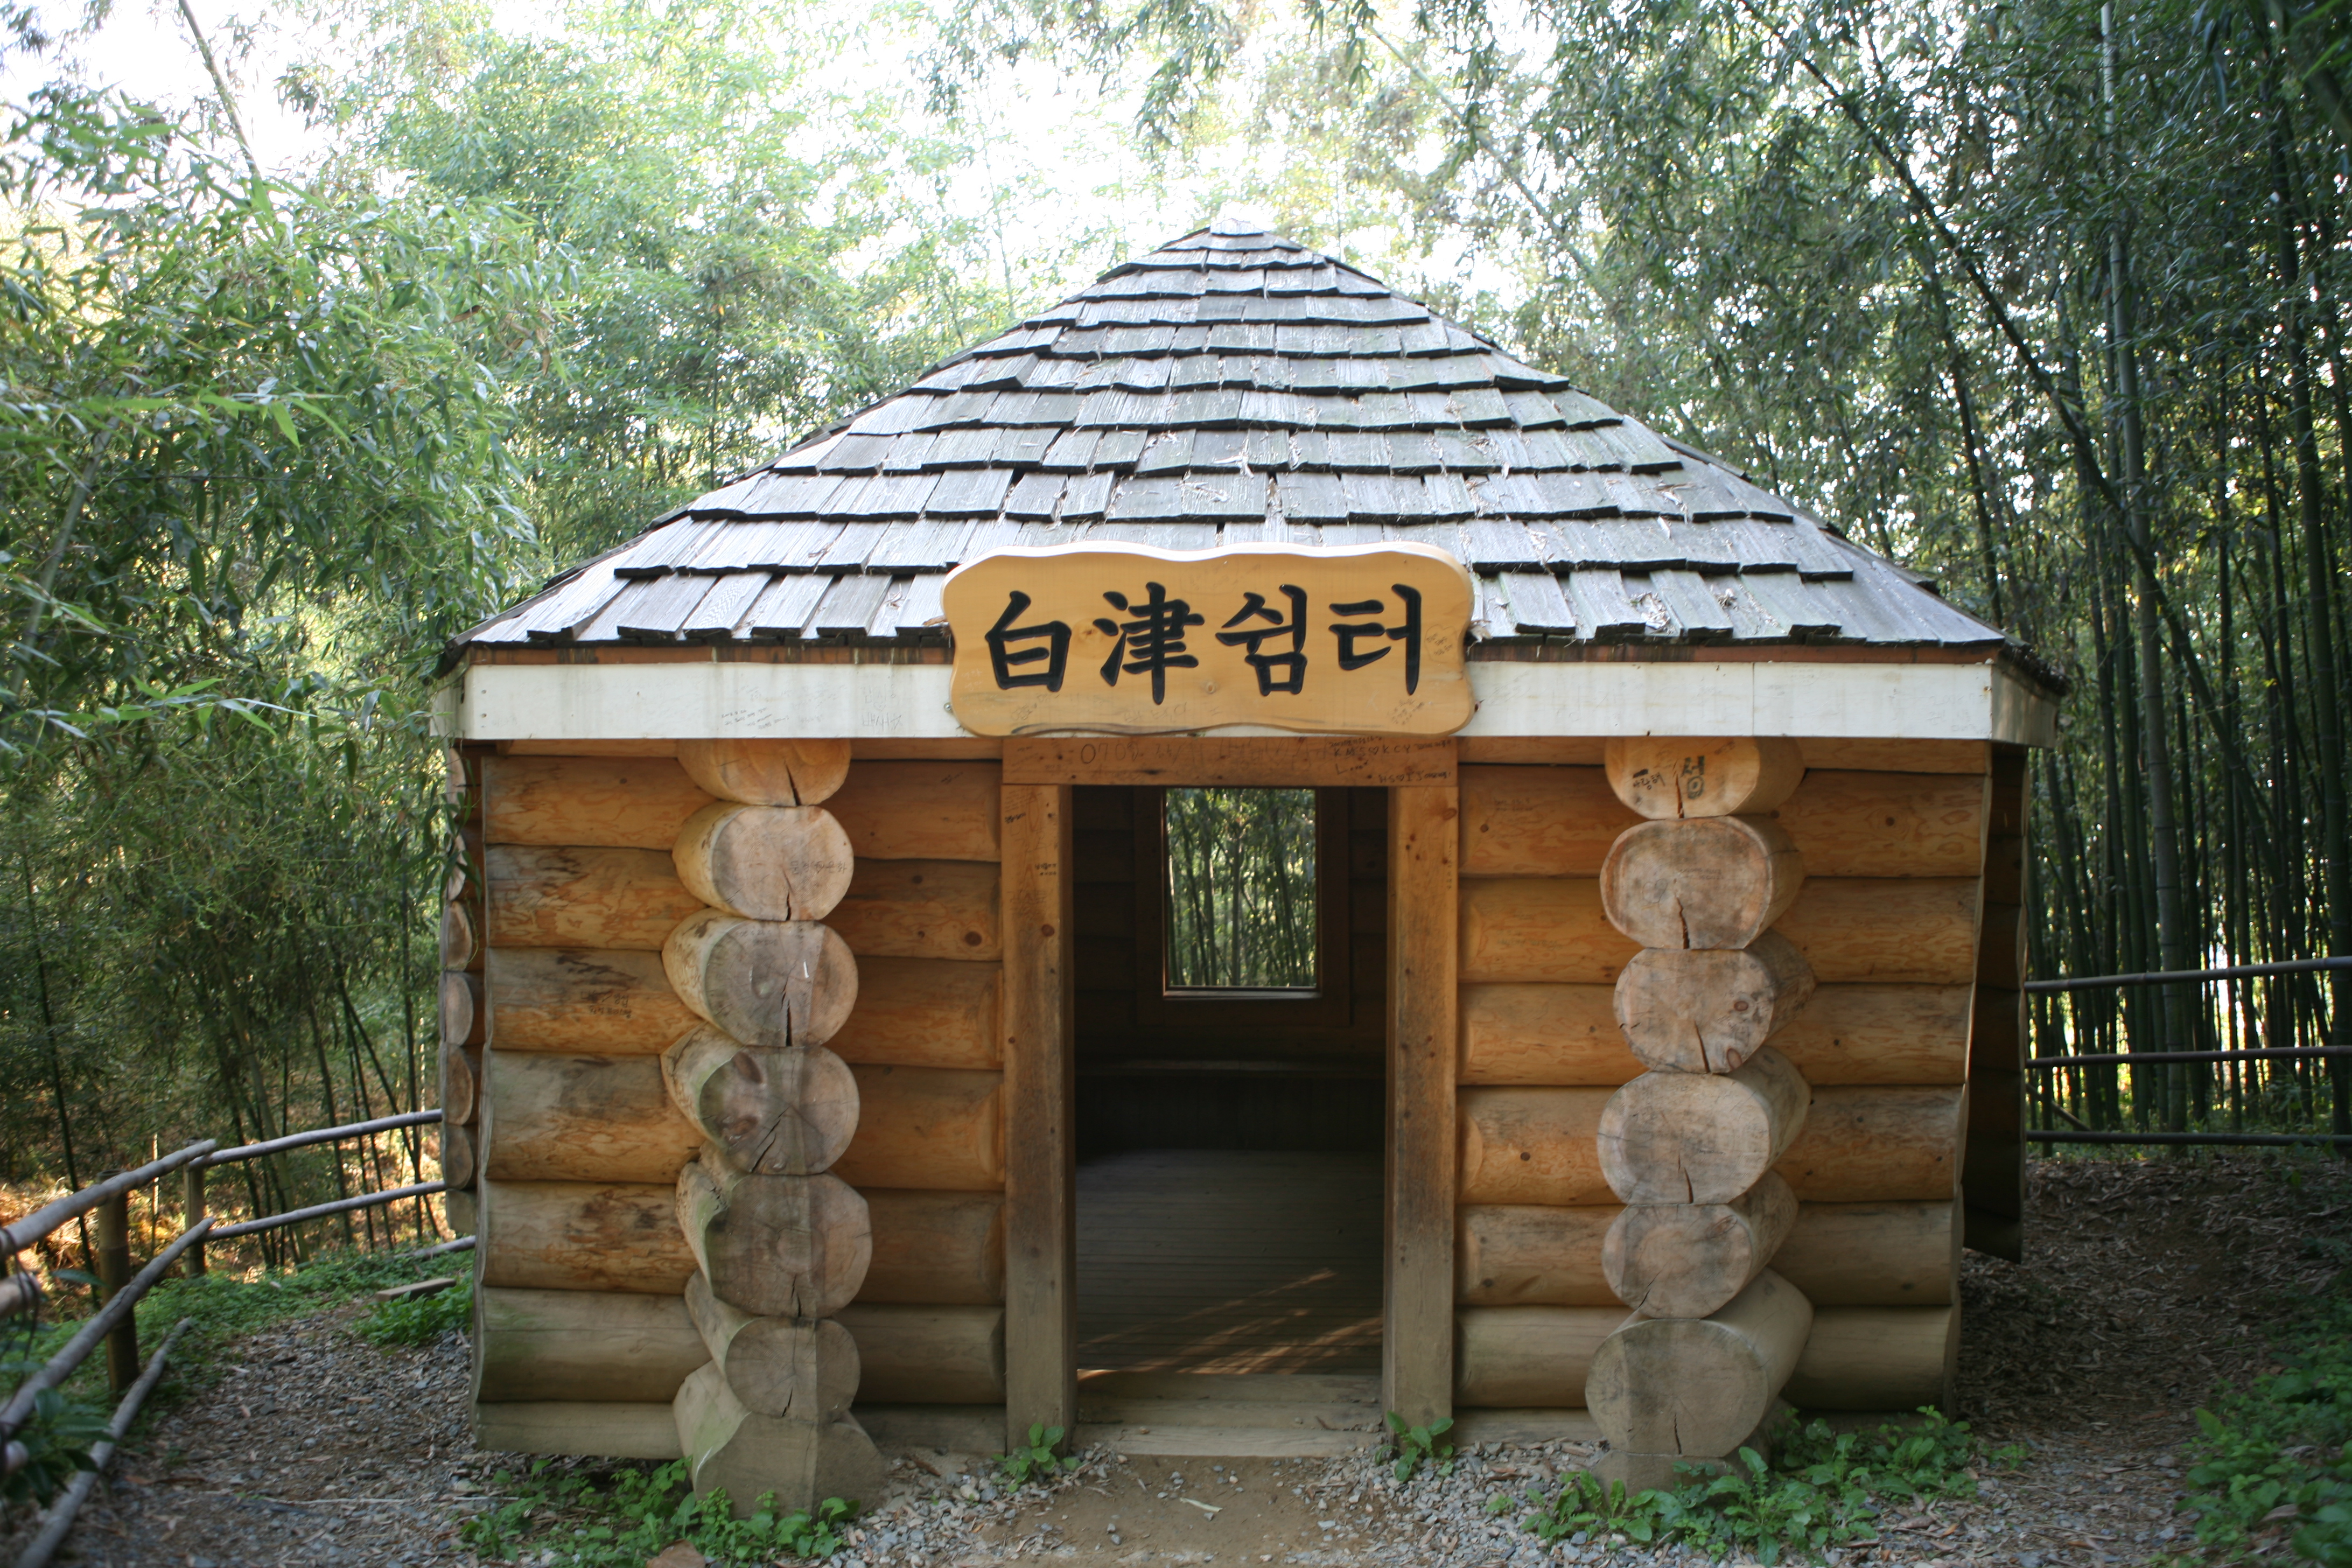 FileKorea Damyang Juknogwon Bamboo Garden Hut 01jpg Wikimedia